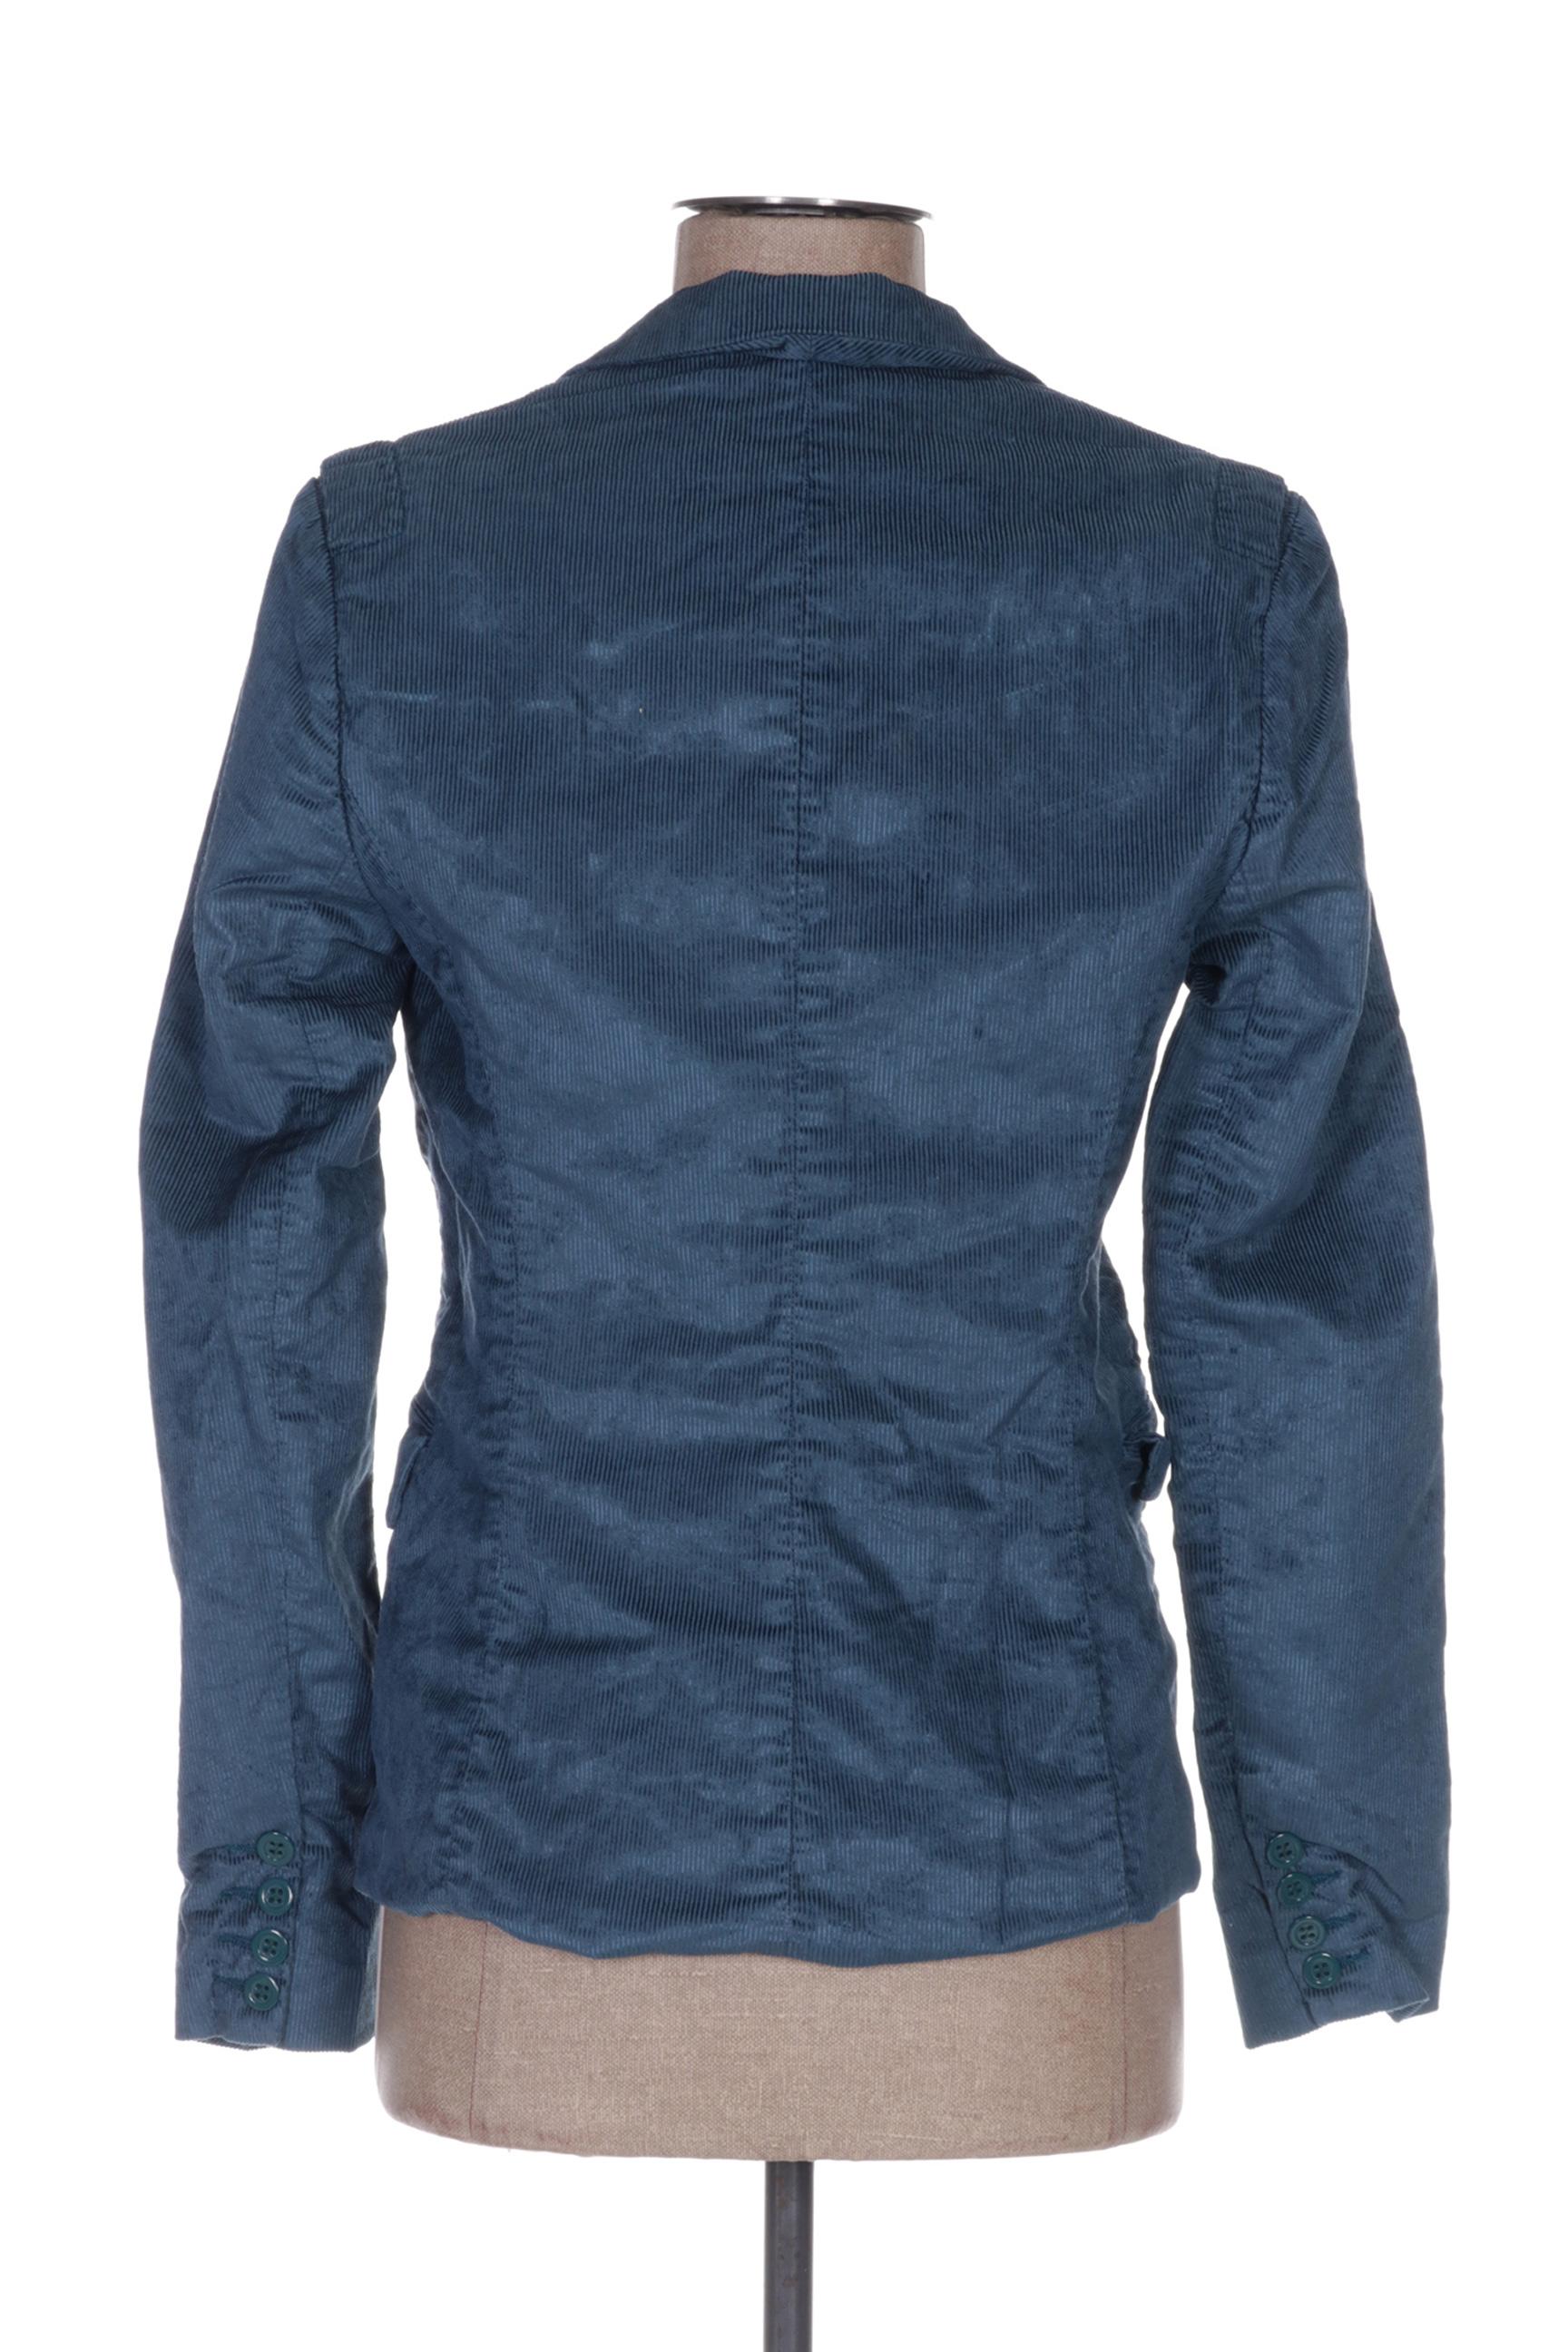 April 77 Vestechic Femme De Couleur Bleu En Soldes Pas Cher 1374203-bleu00